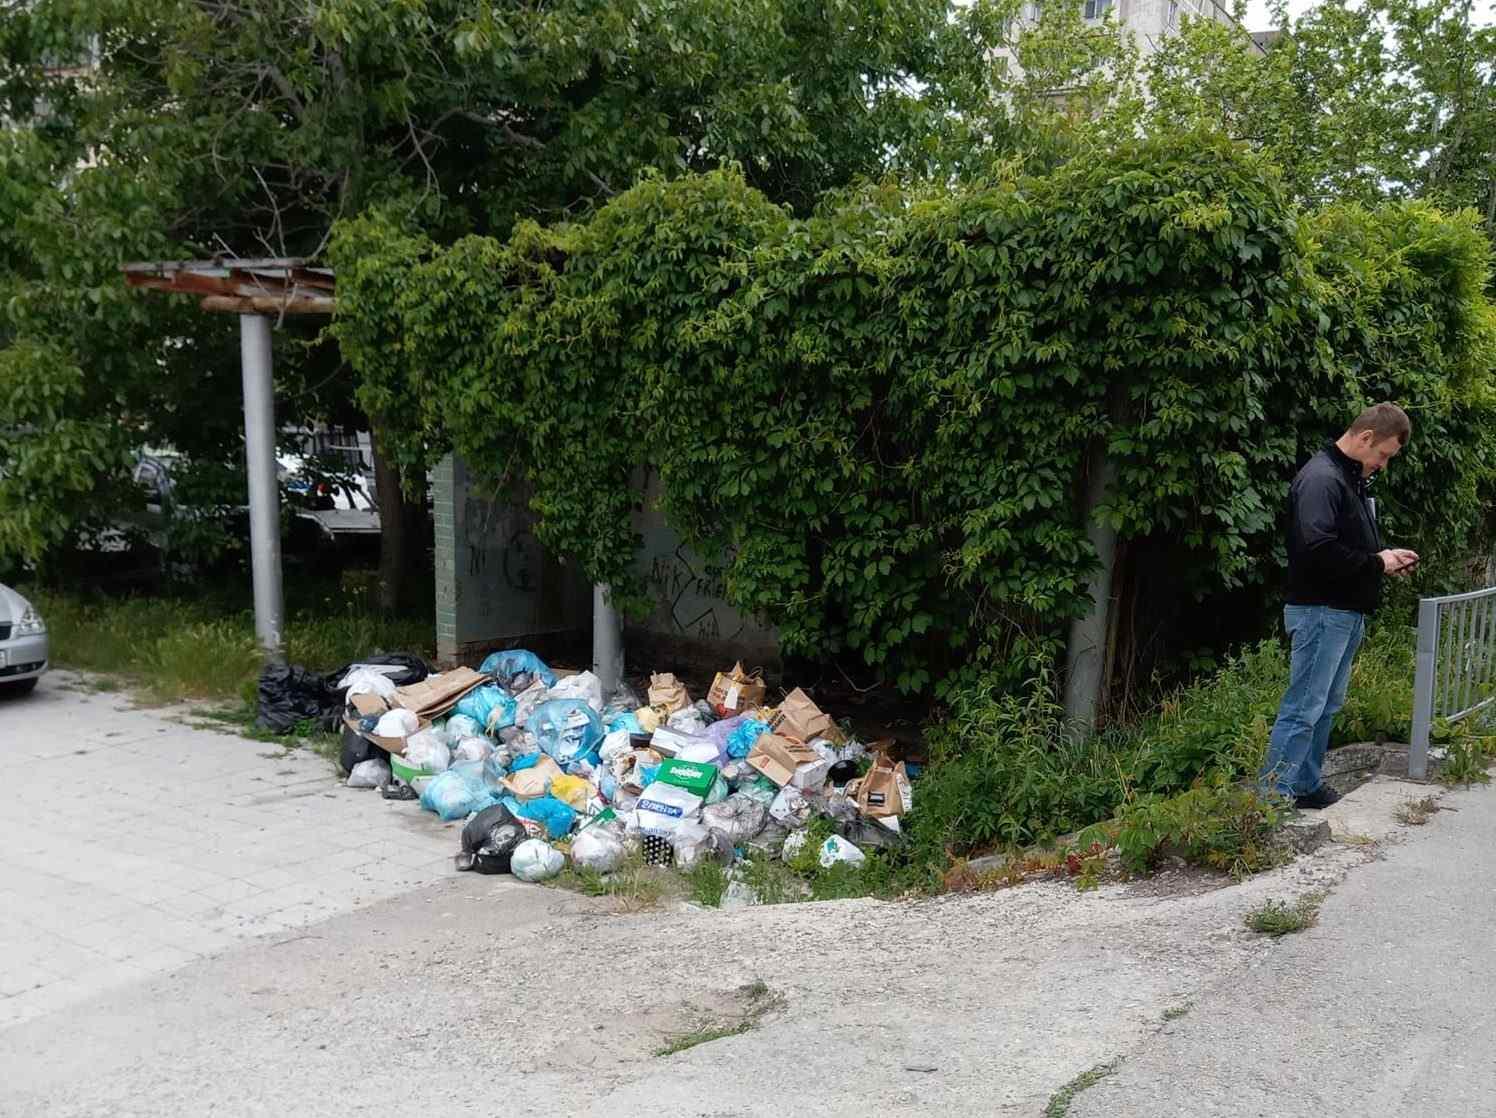 В Новороссийске стихийная свалка мусора выросла под носом у судебных приставов